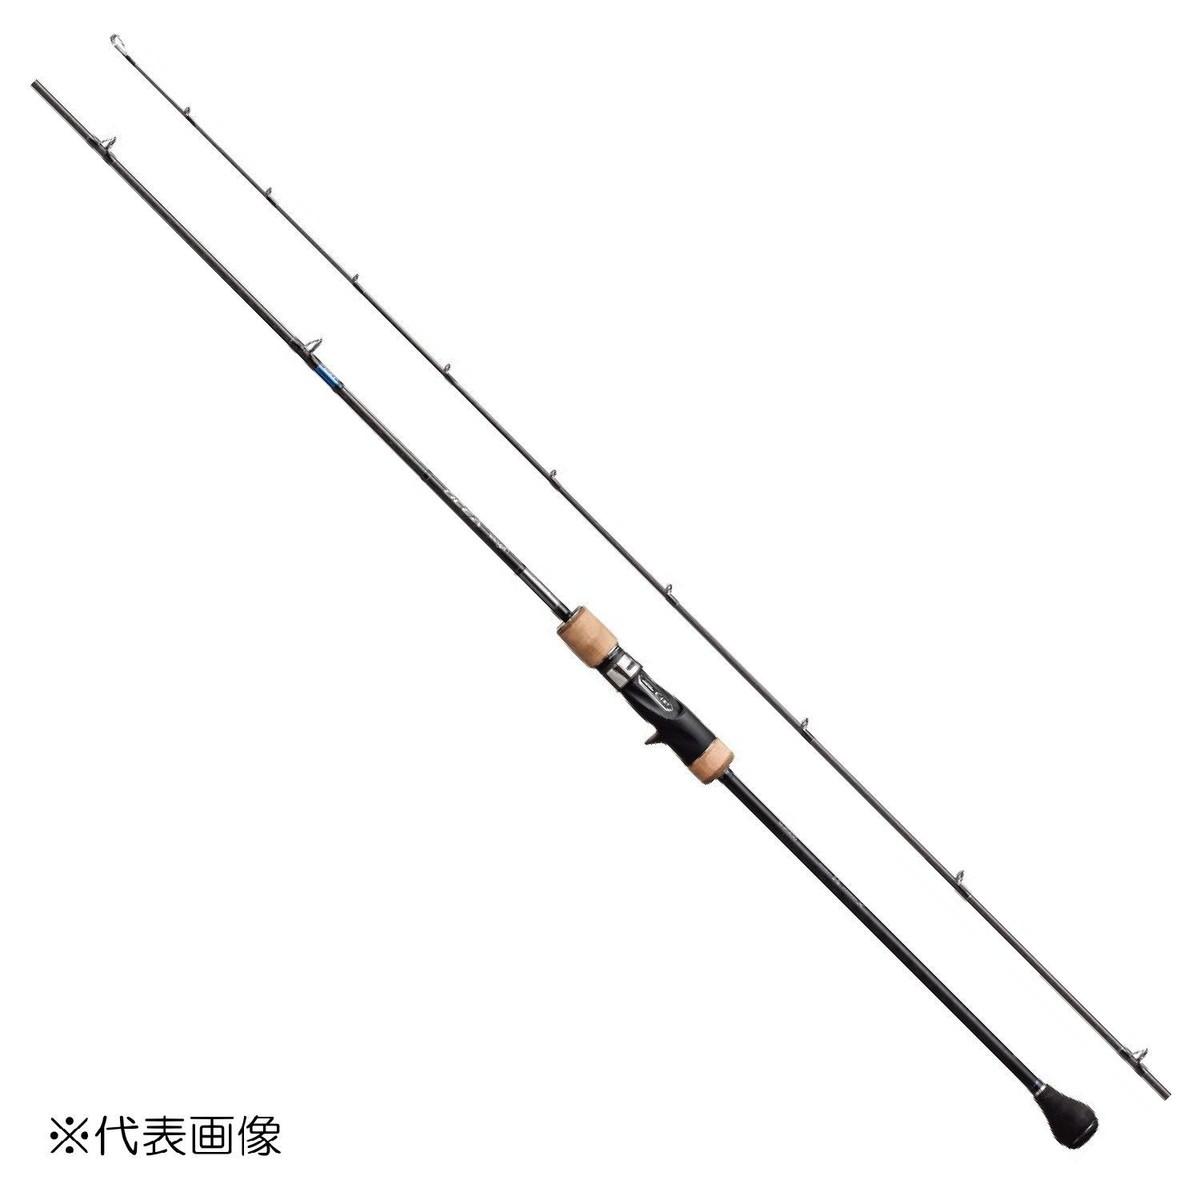 【送料込み6】シマノ オシアジガー インフィニティ モーティブ B610-1